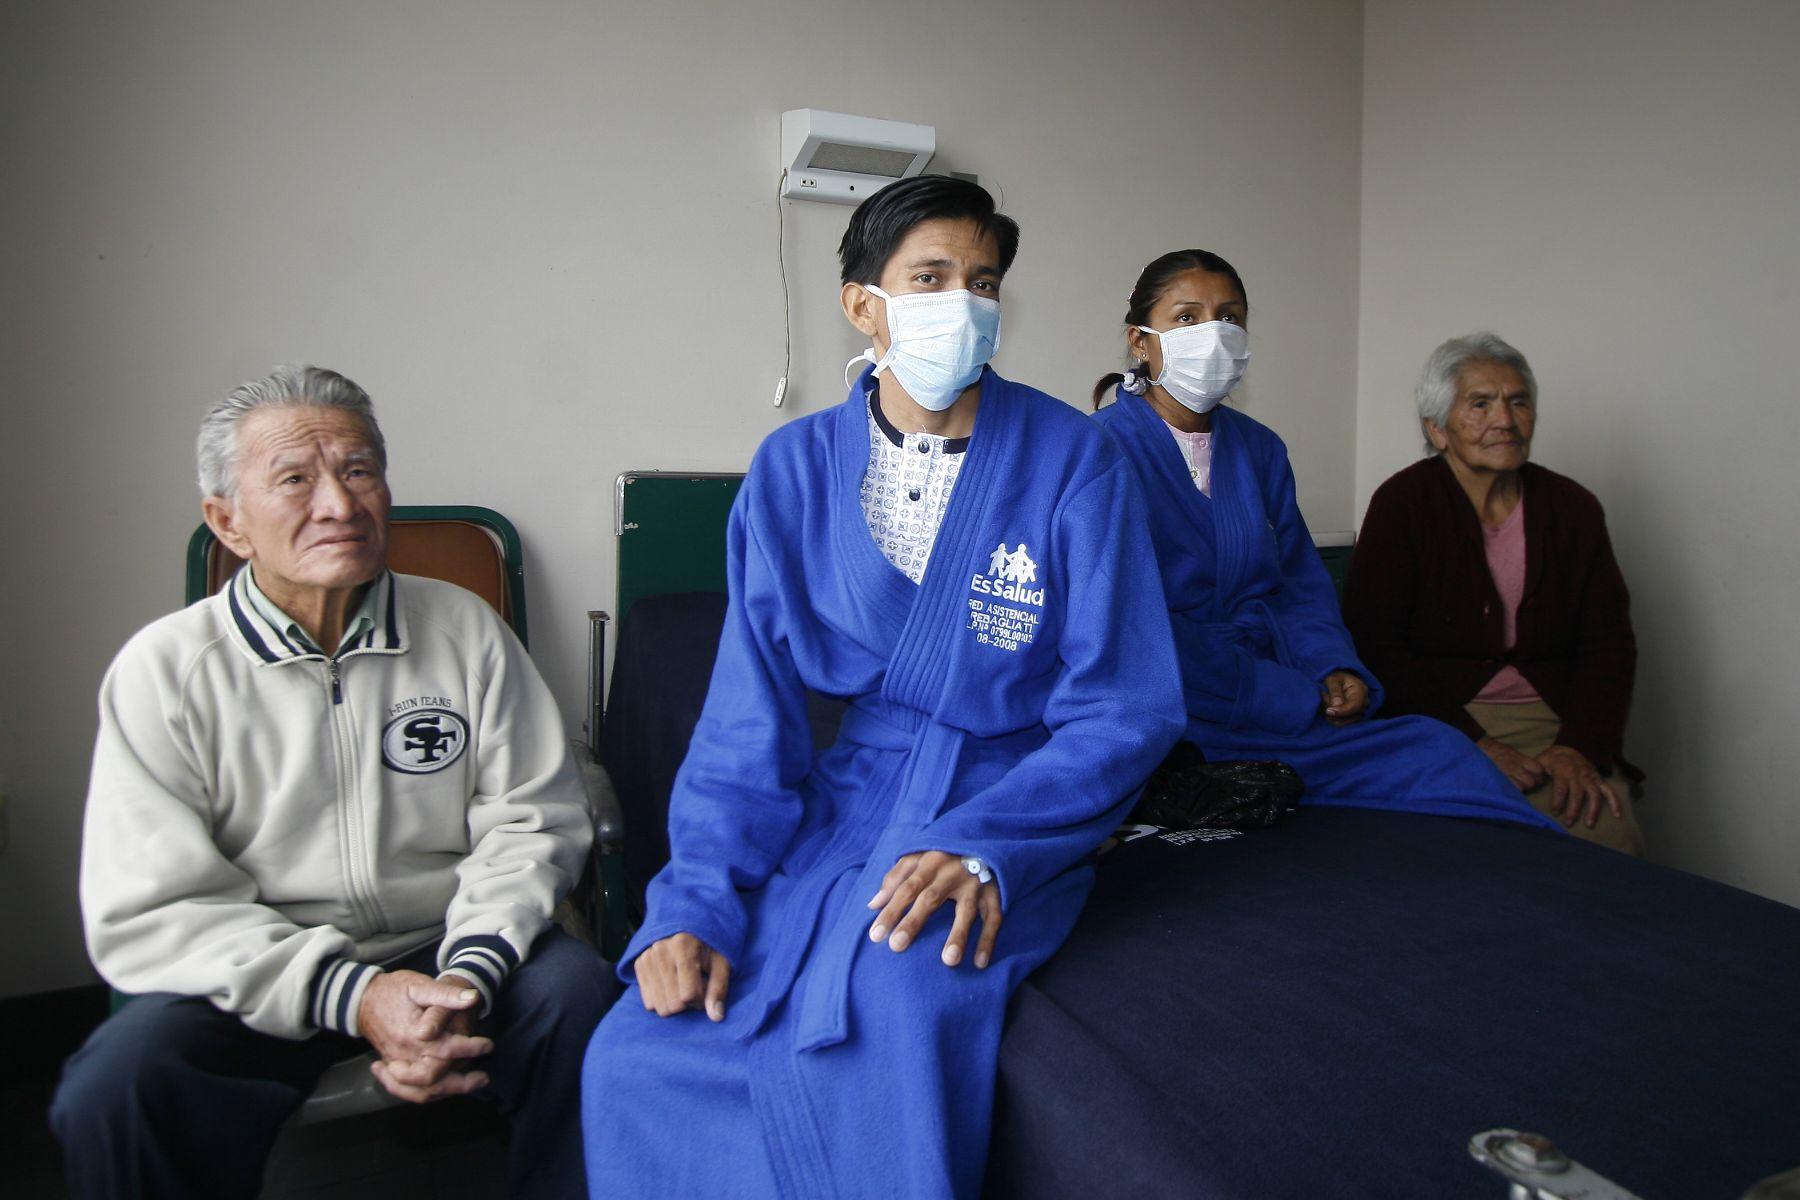 Pacientes de EsSalud que recibieron órganos donados recientemente. Foto: ANDINA/Stephanie Zollner.